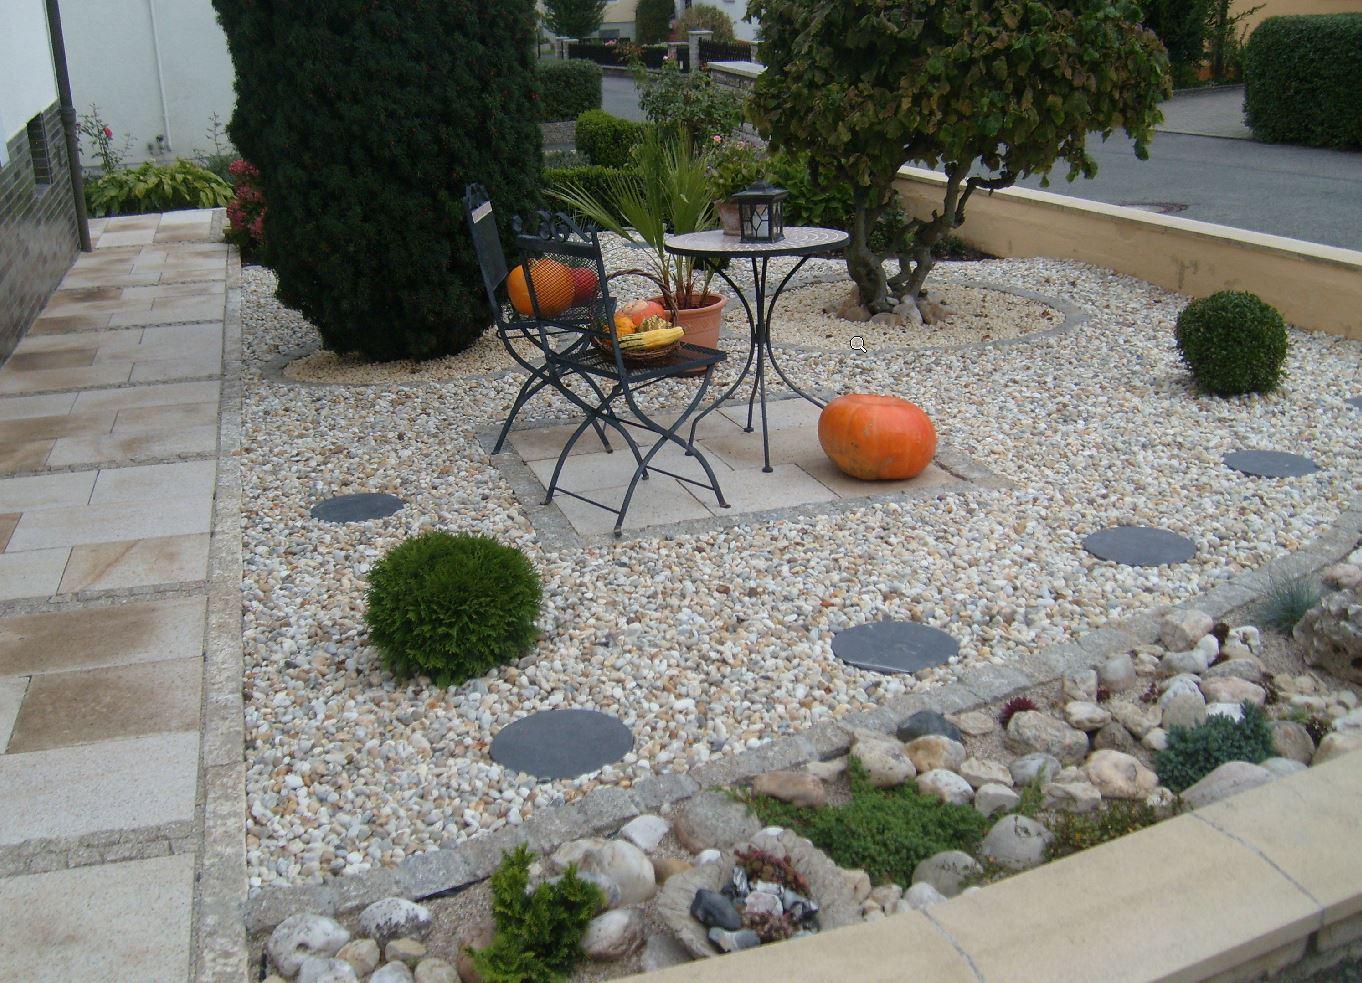 Willkommen bei sascha werner garten landschaftsbau frankfurt for Garten und landschaftsbau